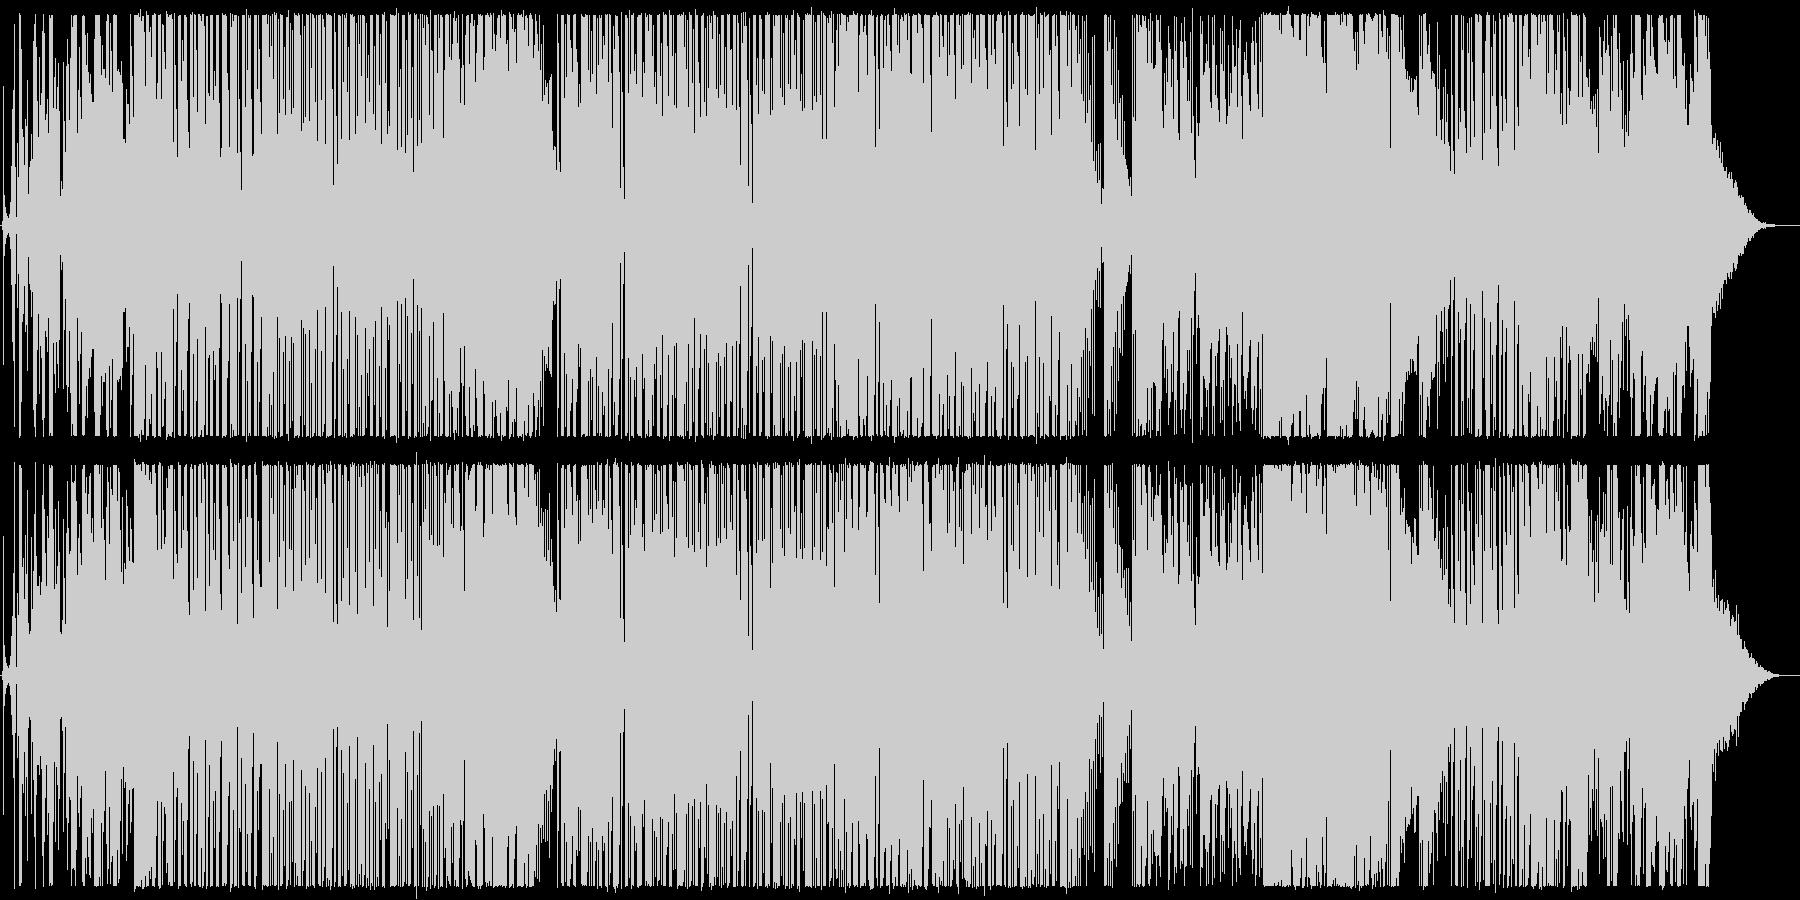 無機質な民族音楽調楽曲【生楽器あり】の未再生の波形